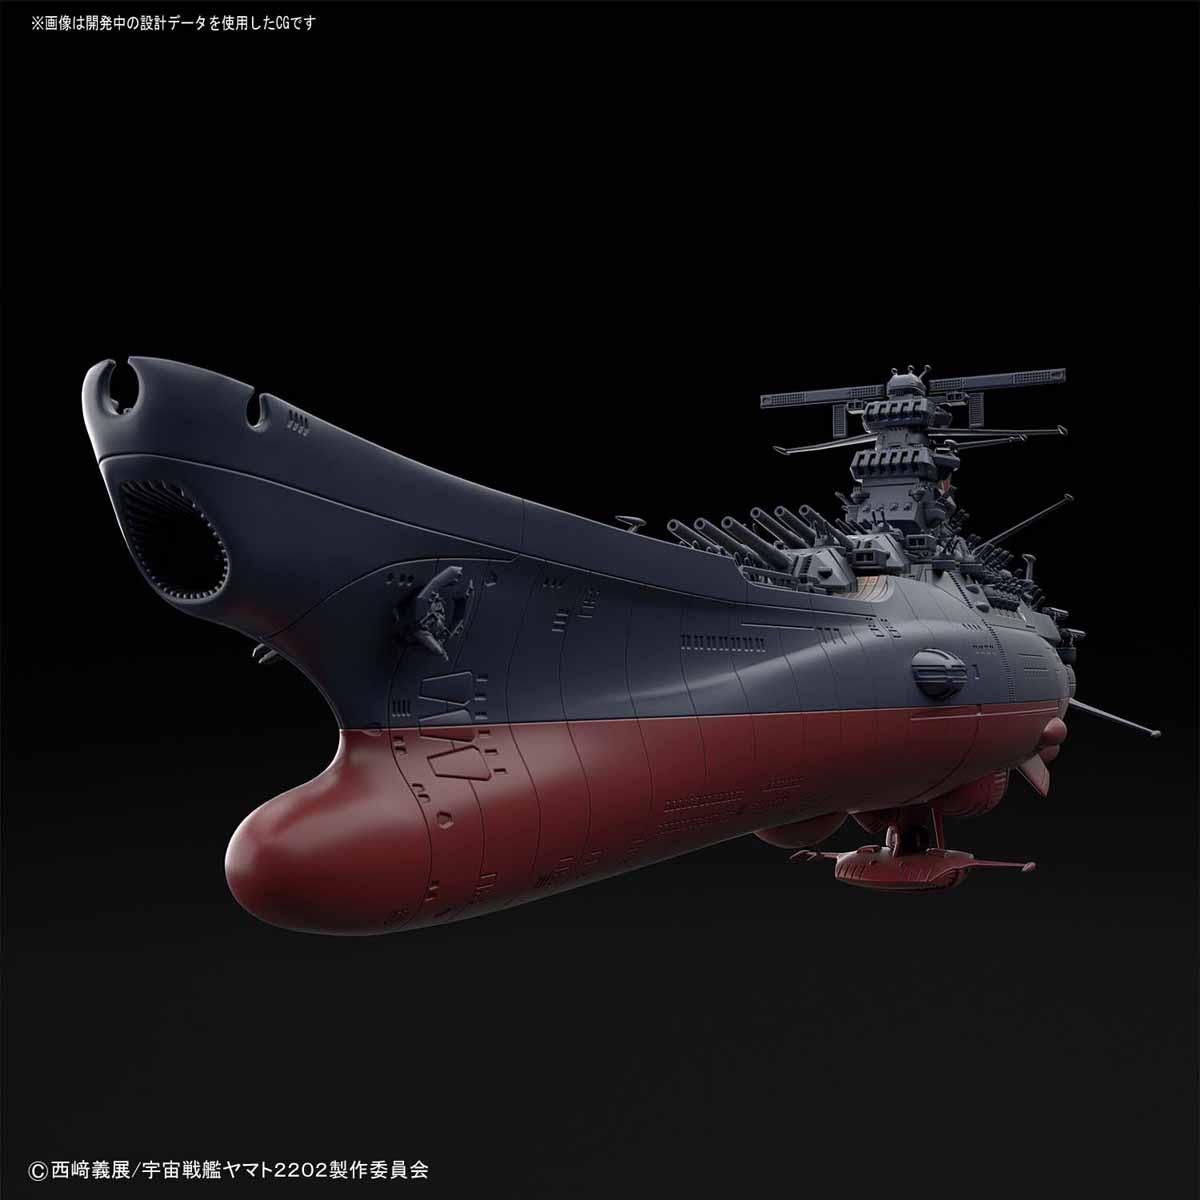 『宇宙戦艦ヤマト2202 愛の戦士たち』 1/1000 宇宙戦艦ヤマト2202(最終決戦仕様) プラモデル